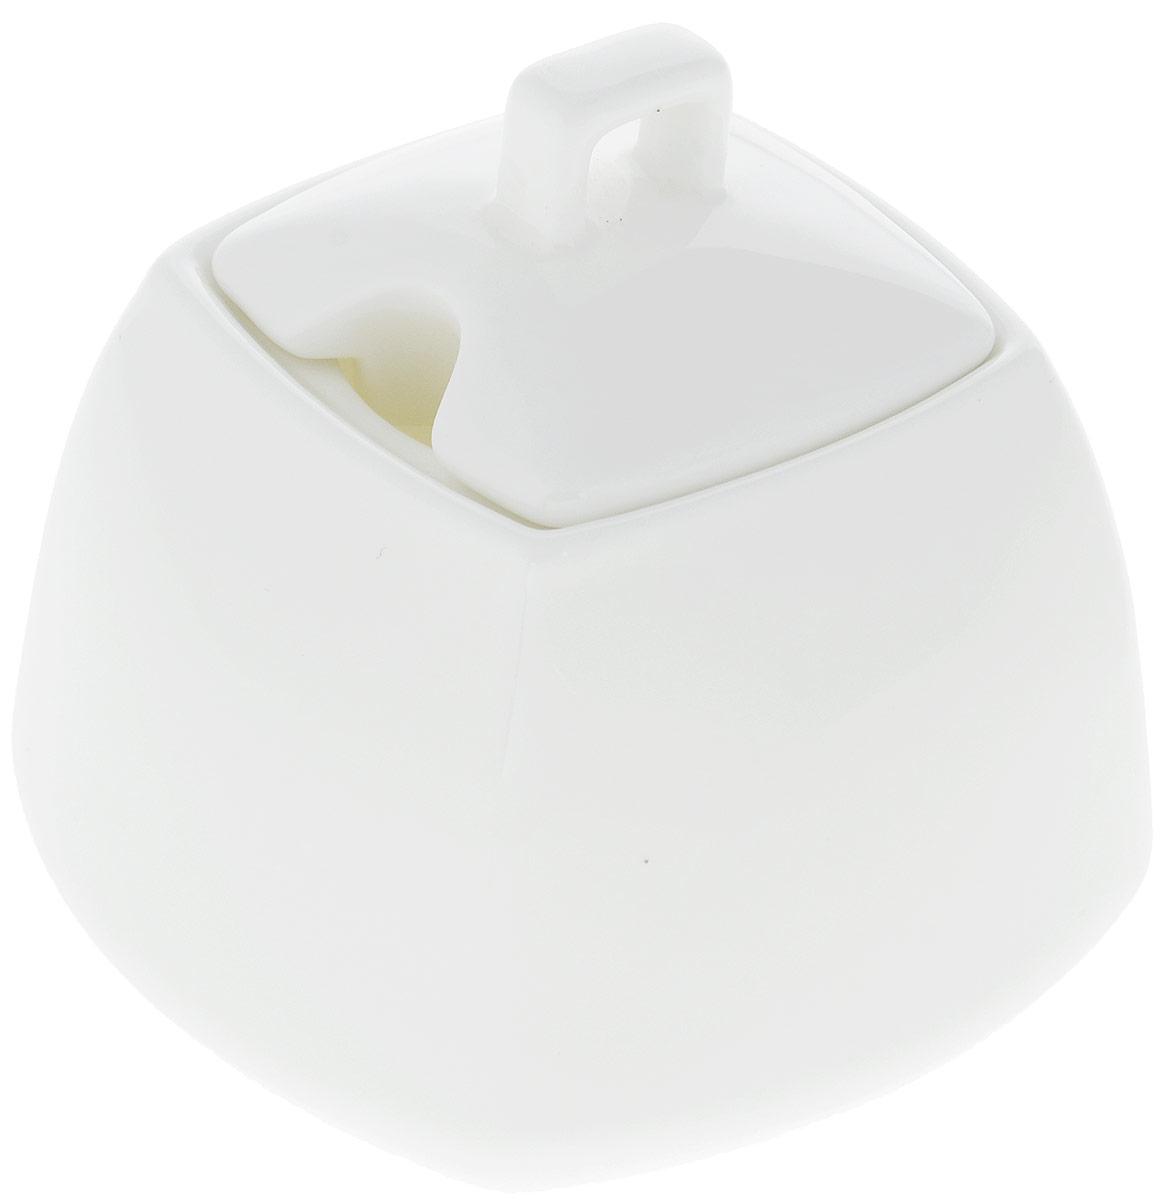 Сахарница Wilmax, 340 мл. WL-995026 / 1CWL-995026 / 1CСахарница Wilmax выполнена из высококачественного фарфора с глазурованным покрытием. Изделие имеет элегантную форму и может использоваться в качестве креманки. Сахарница Wilmax станет отличным дополнением к сервировке семейного стола и замечательным подарком для ваших родных и друзей. Можно мыть в посудомоечной машине и использовать в микроволновой печи. Размер (по верхнему краю): 5,5 х 5,5 см. Высота (без учета крышки): 7 см.